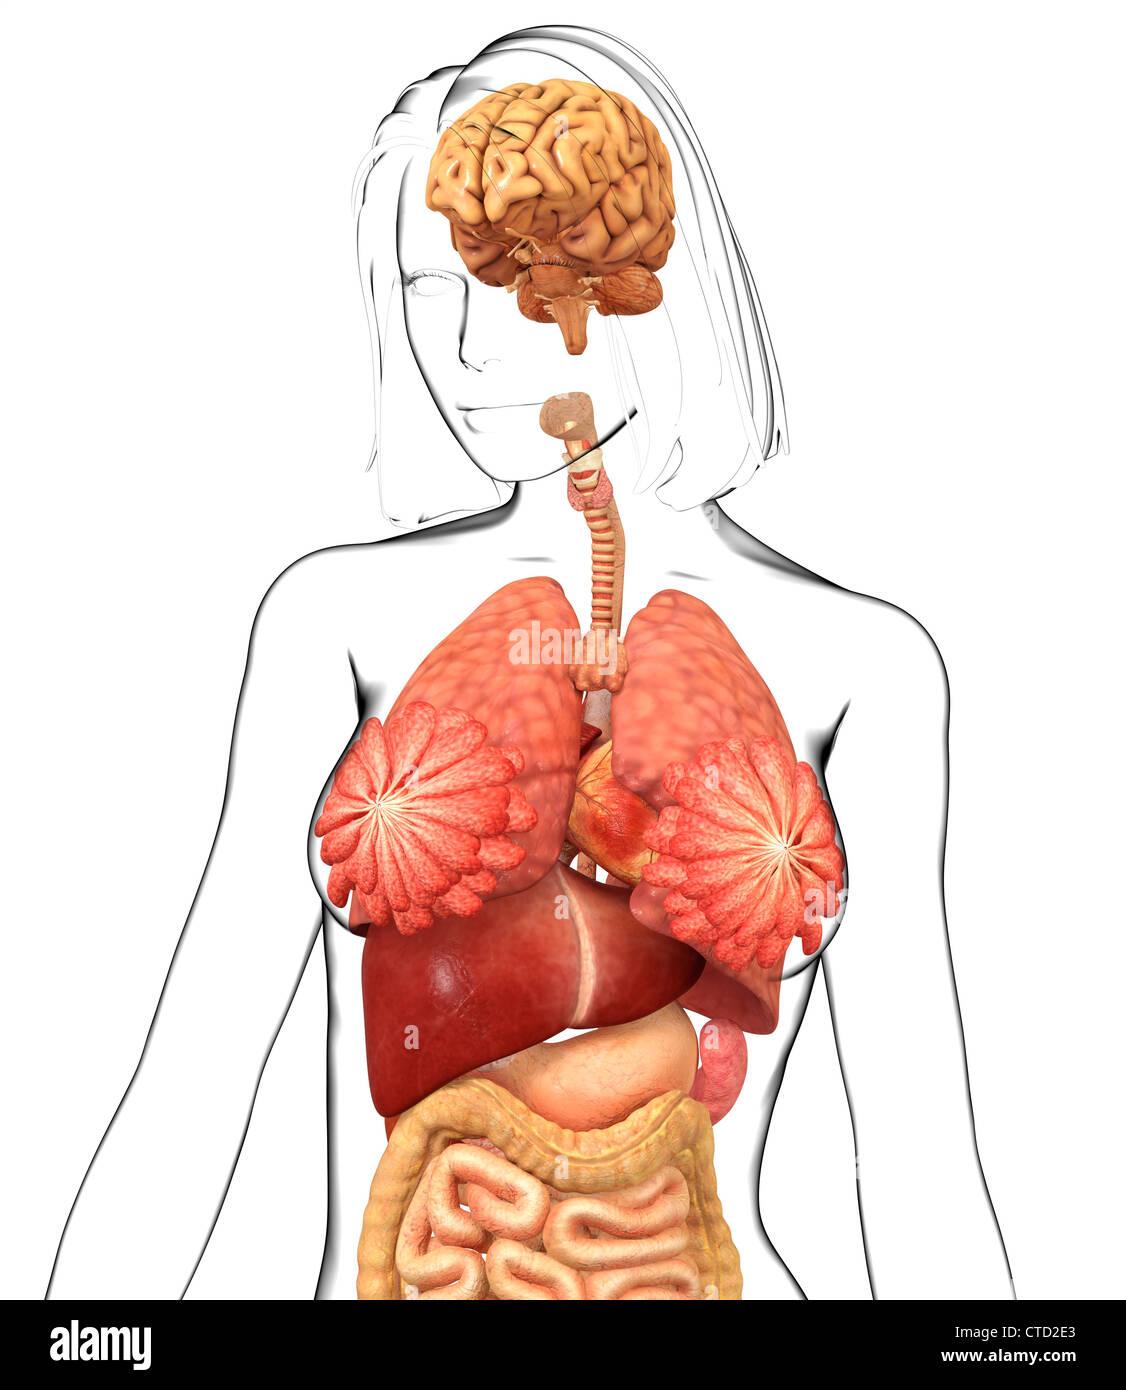 Weibliche Anatomie Kunstwerk Stockfoto, Bild: 49459819 - Alamy